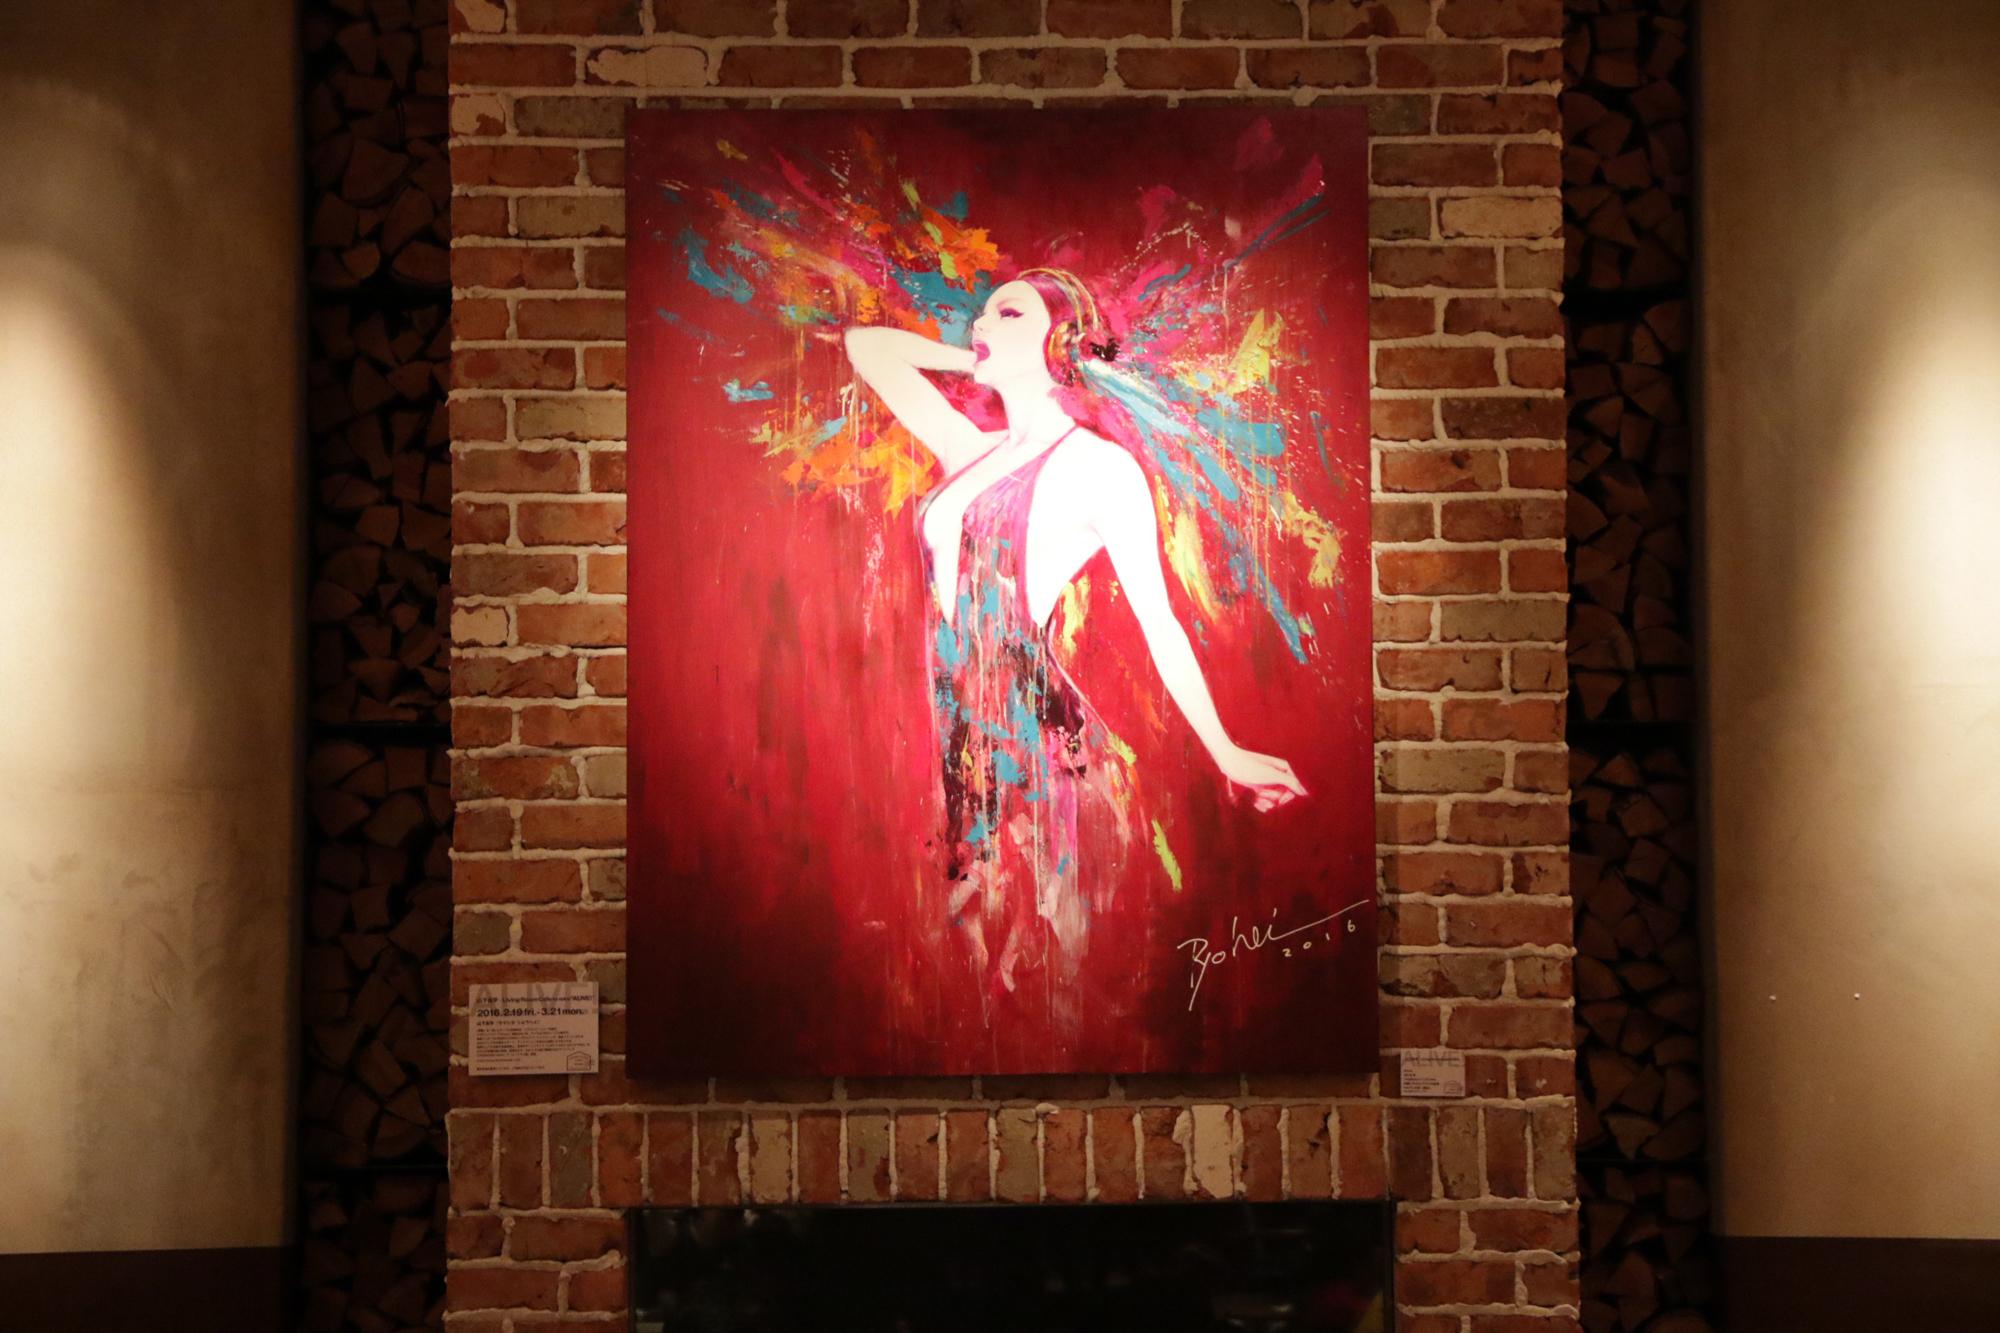 この個展のために制作された《ALIVE!》 カフェ中央に位置する暖炉の上の壁に掲出されている